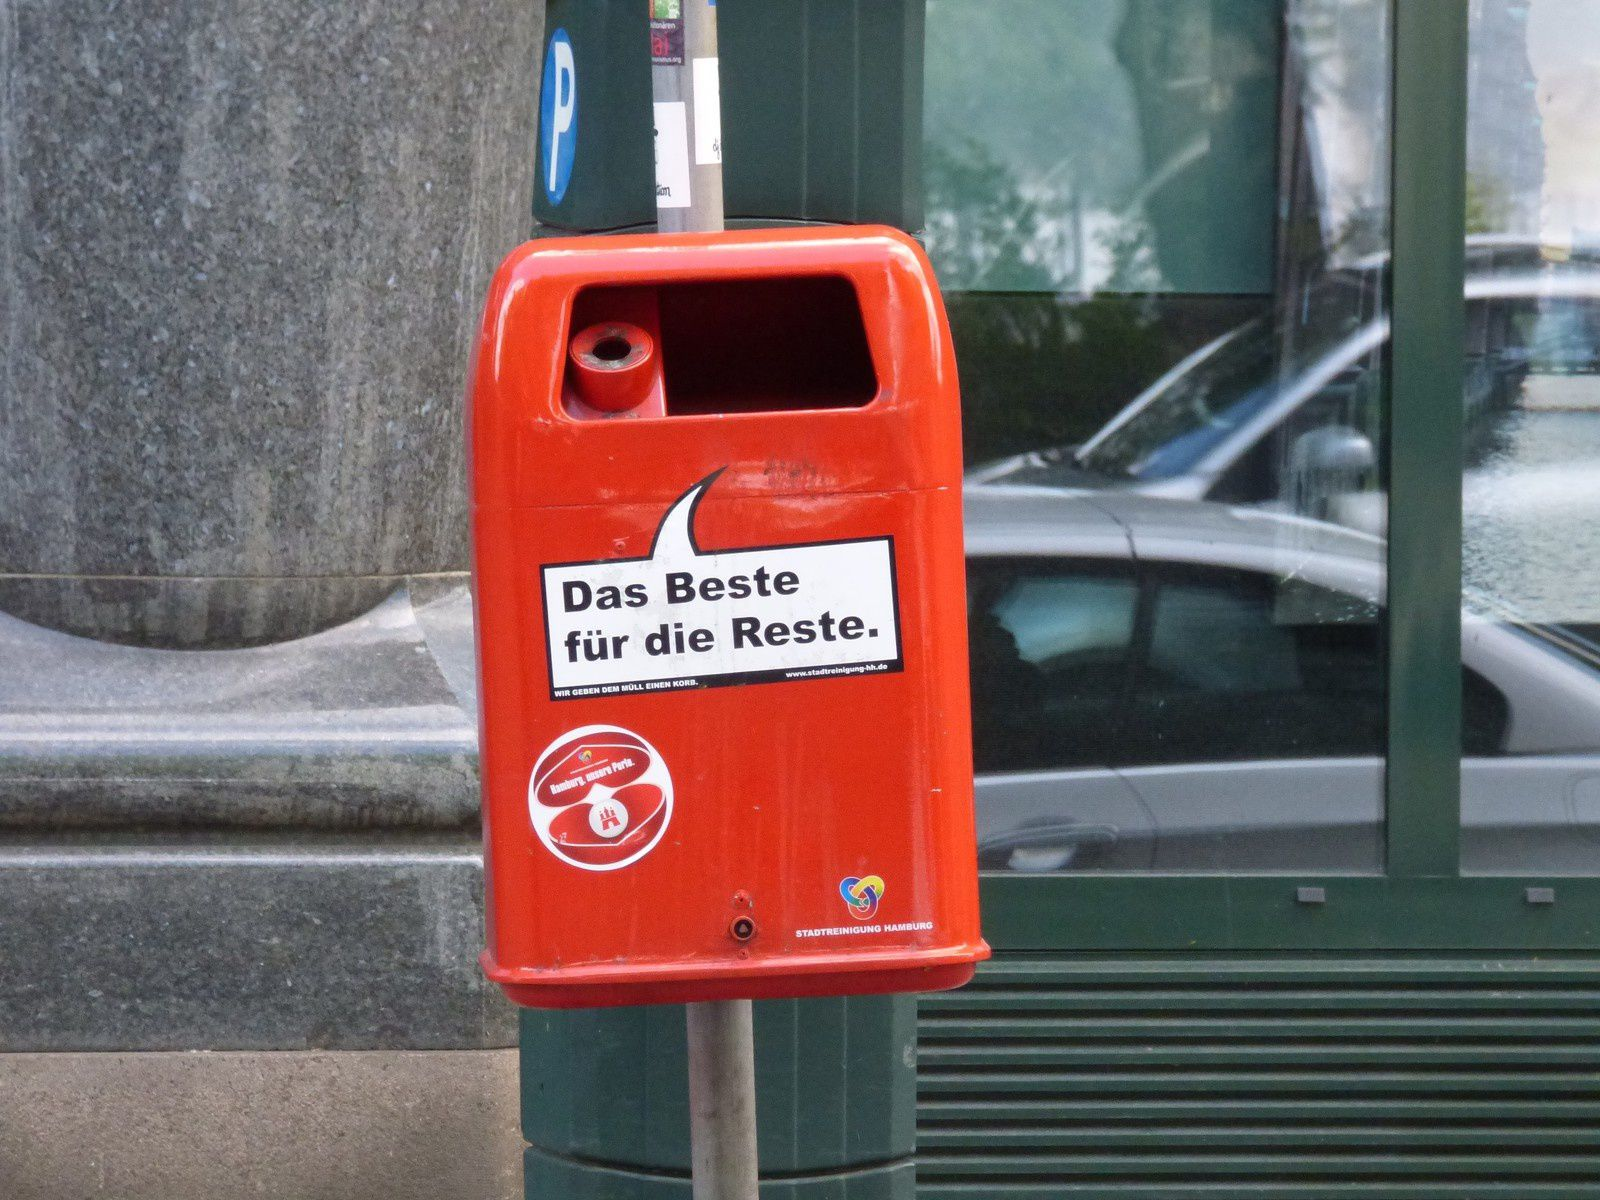 Oublions les &quot&#x3B;burgers&quot&#x3B; et allons découvrir Hambourg